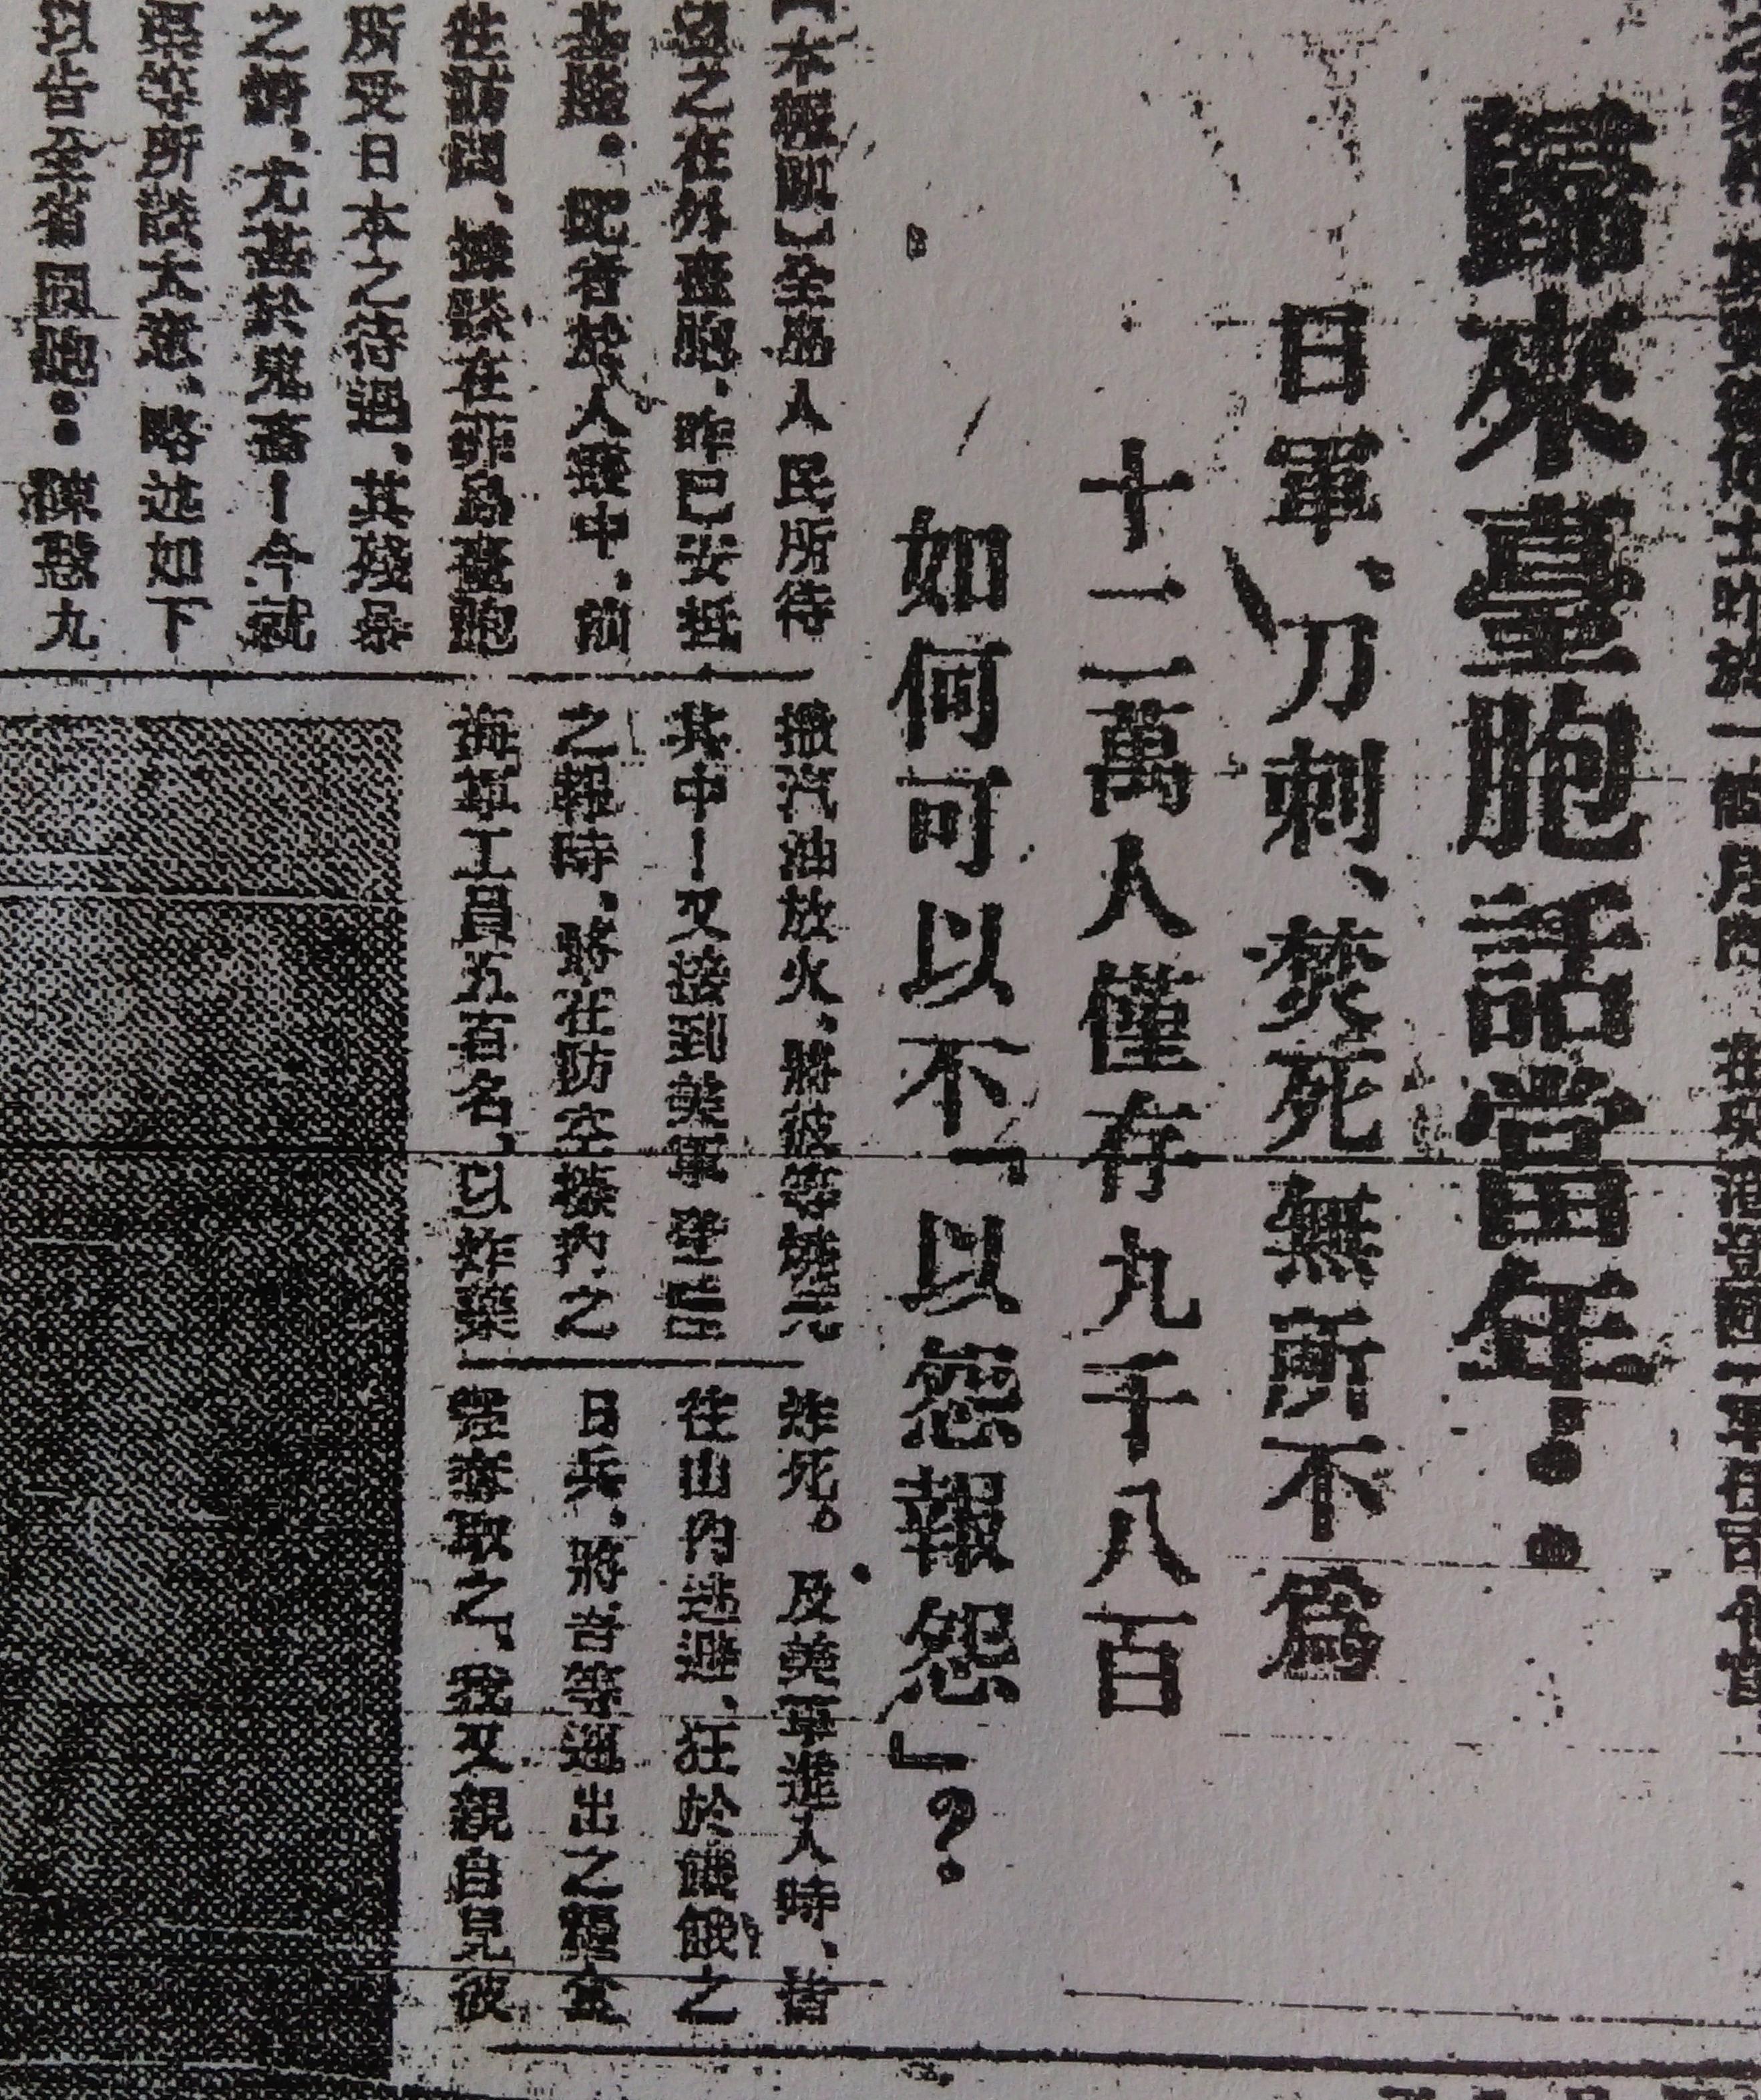 1945年12月24日《台灣新生報》第三版報導人吃人。